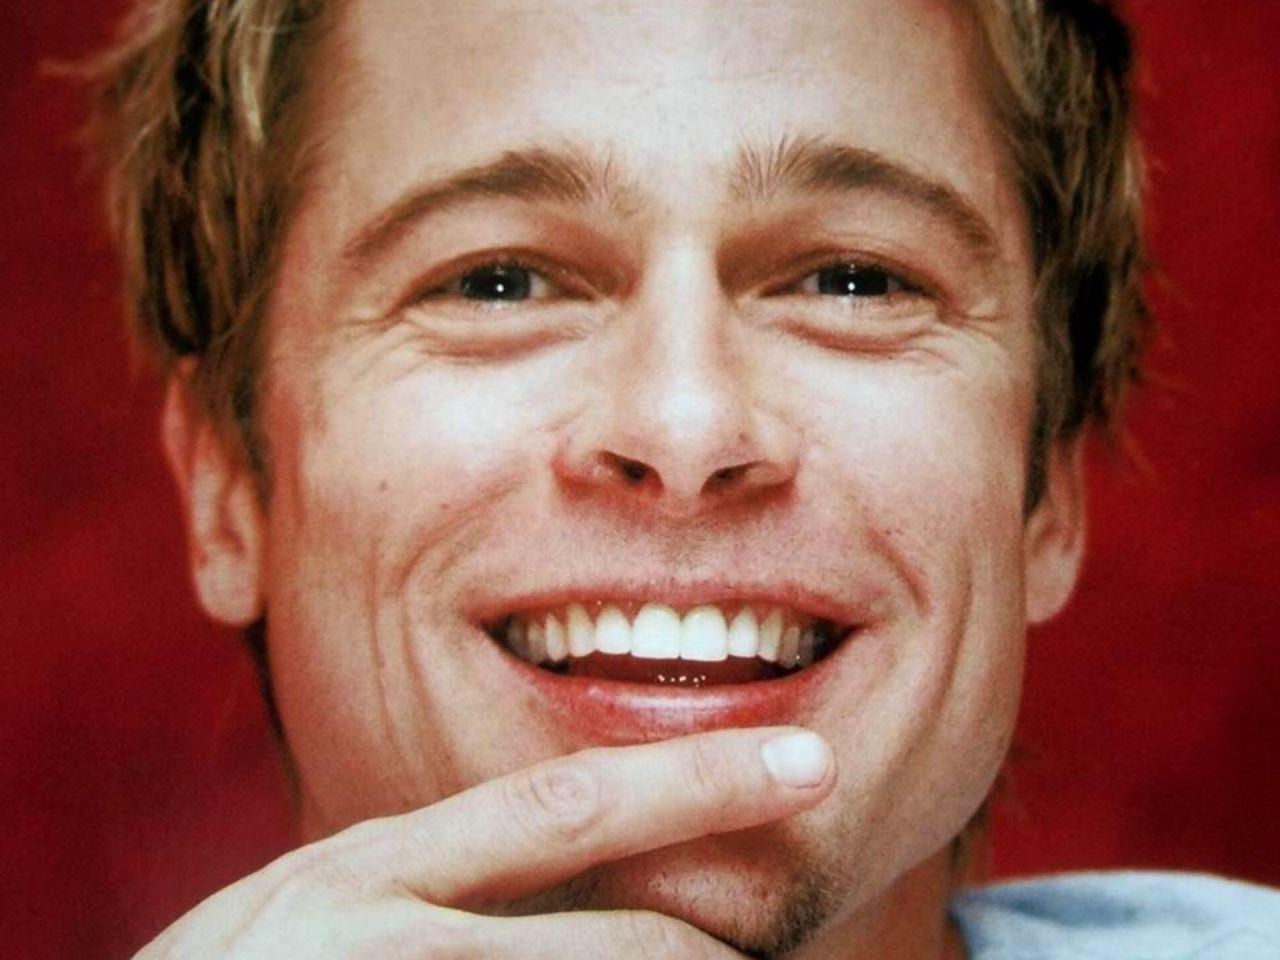 http://2.bp.blogspot.com/-TmmzNbUt5sQ/TtSA1o6h5dI/AAAAAAAAA9o/SYek3ARxz4A/s1600/Beautiful+Smile+of+Brad+Pitt.jpg